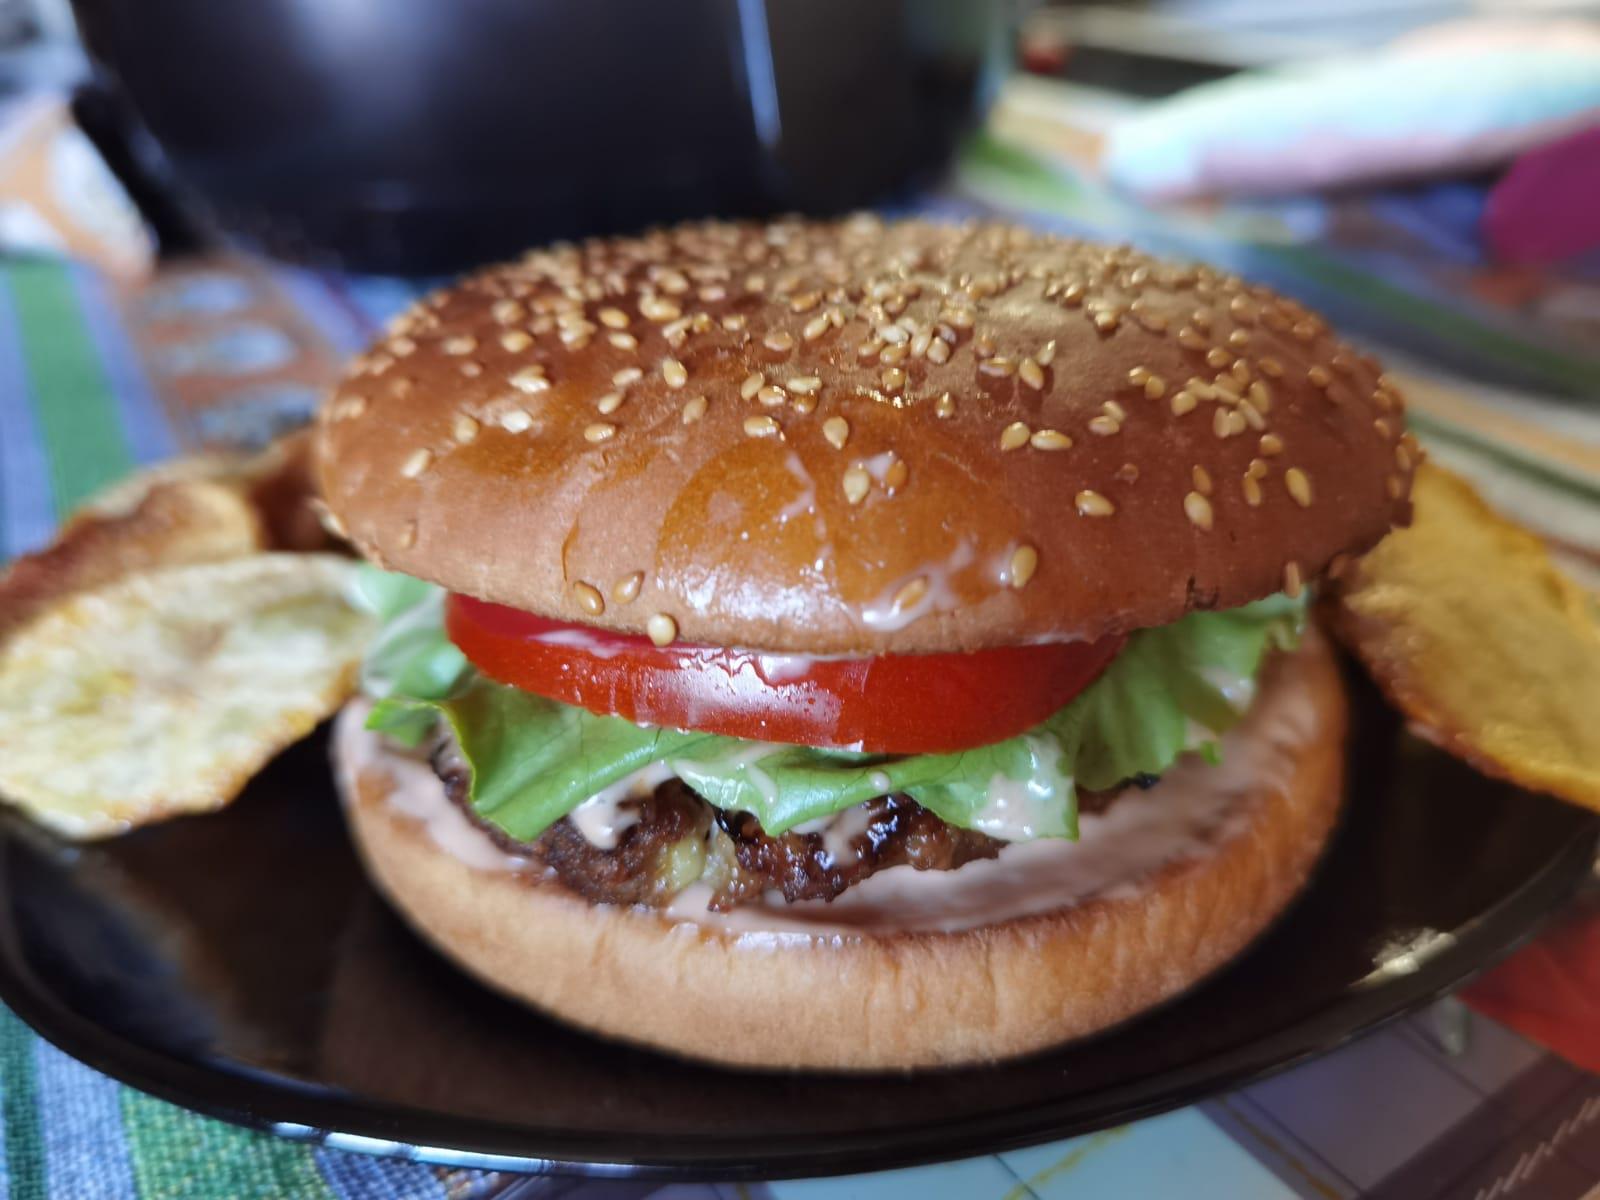 Cel mai bun burger al tinerilor din ziua de azi